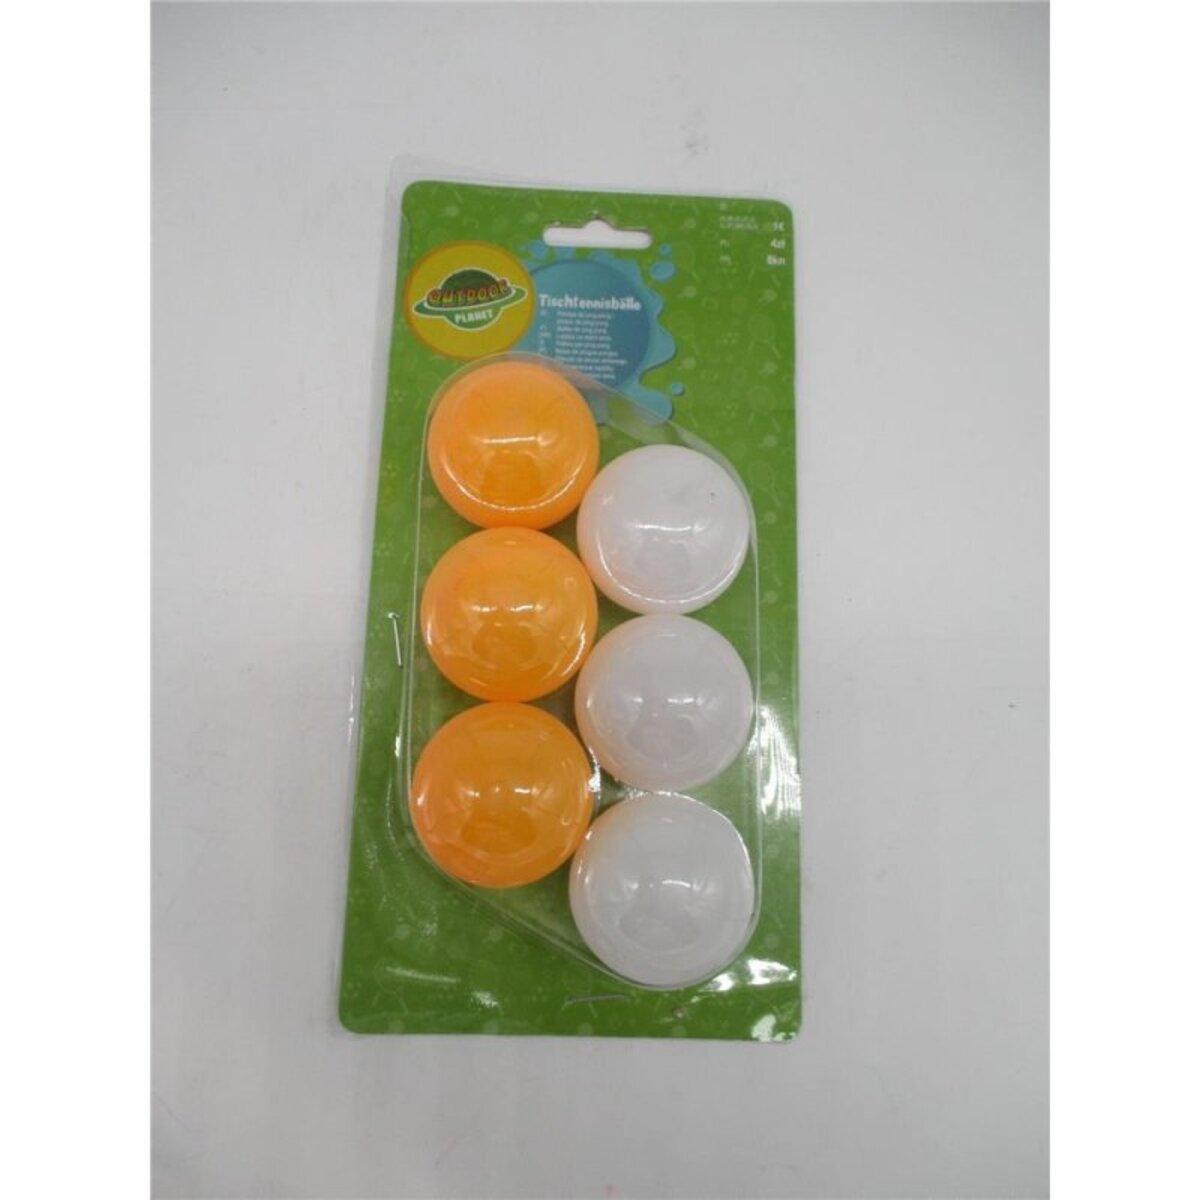 Bild 1 von Tischtennisbälle, 6er-Pack